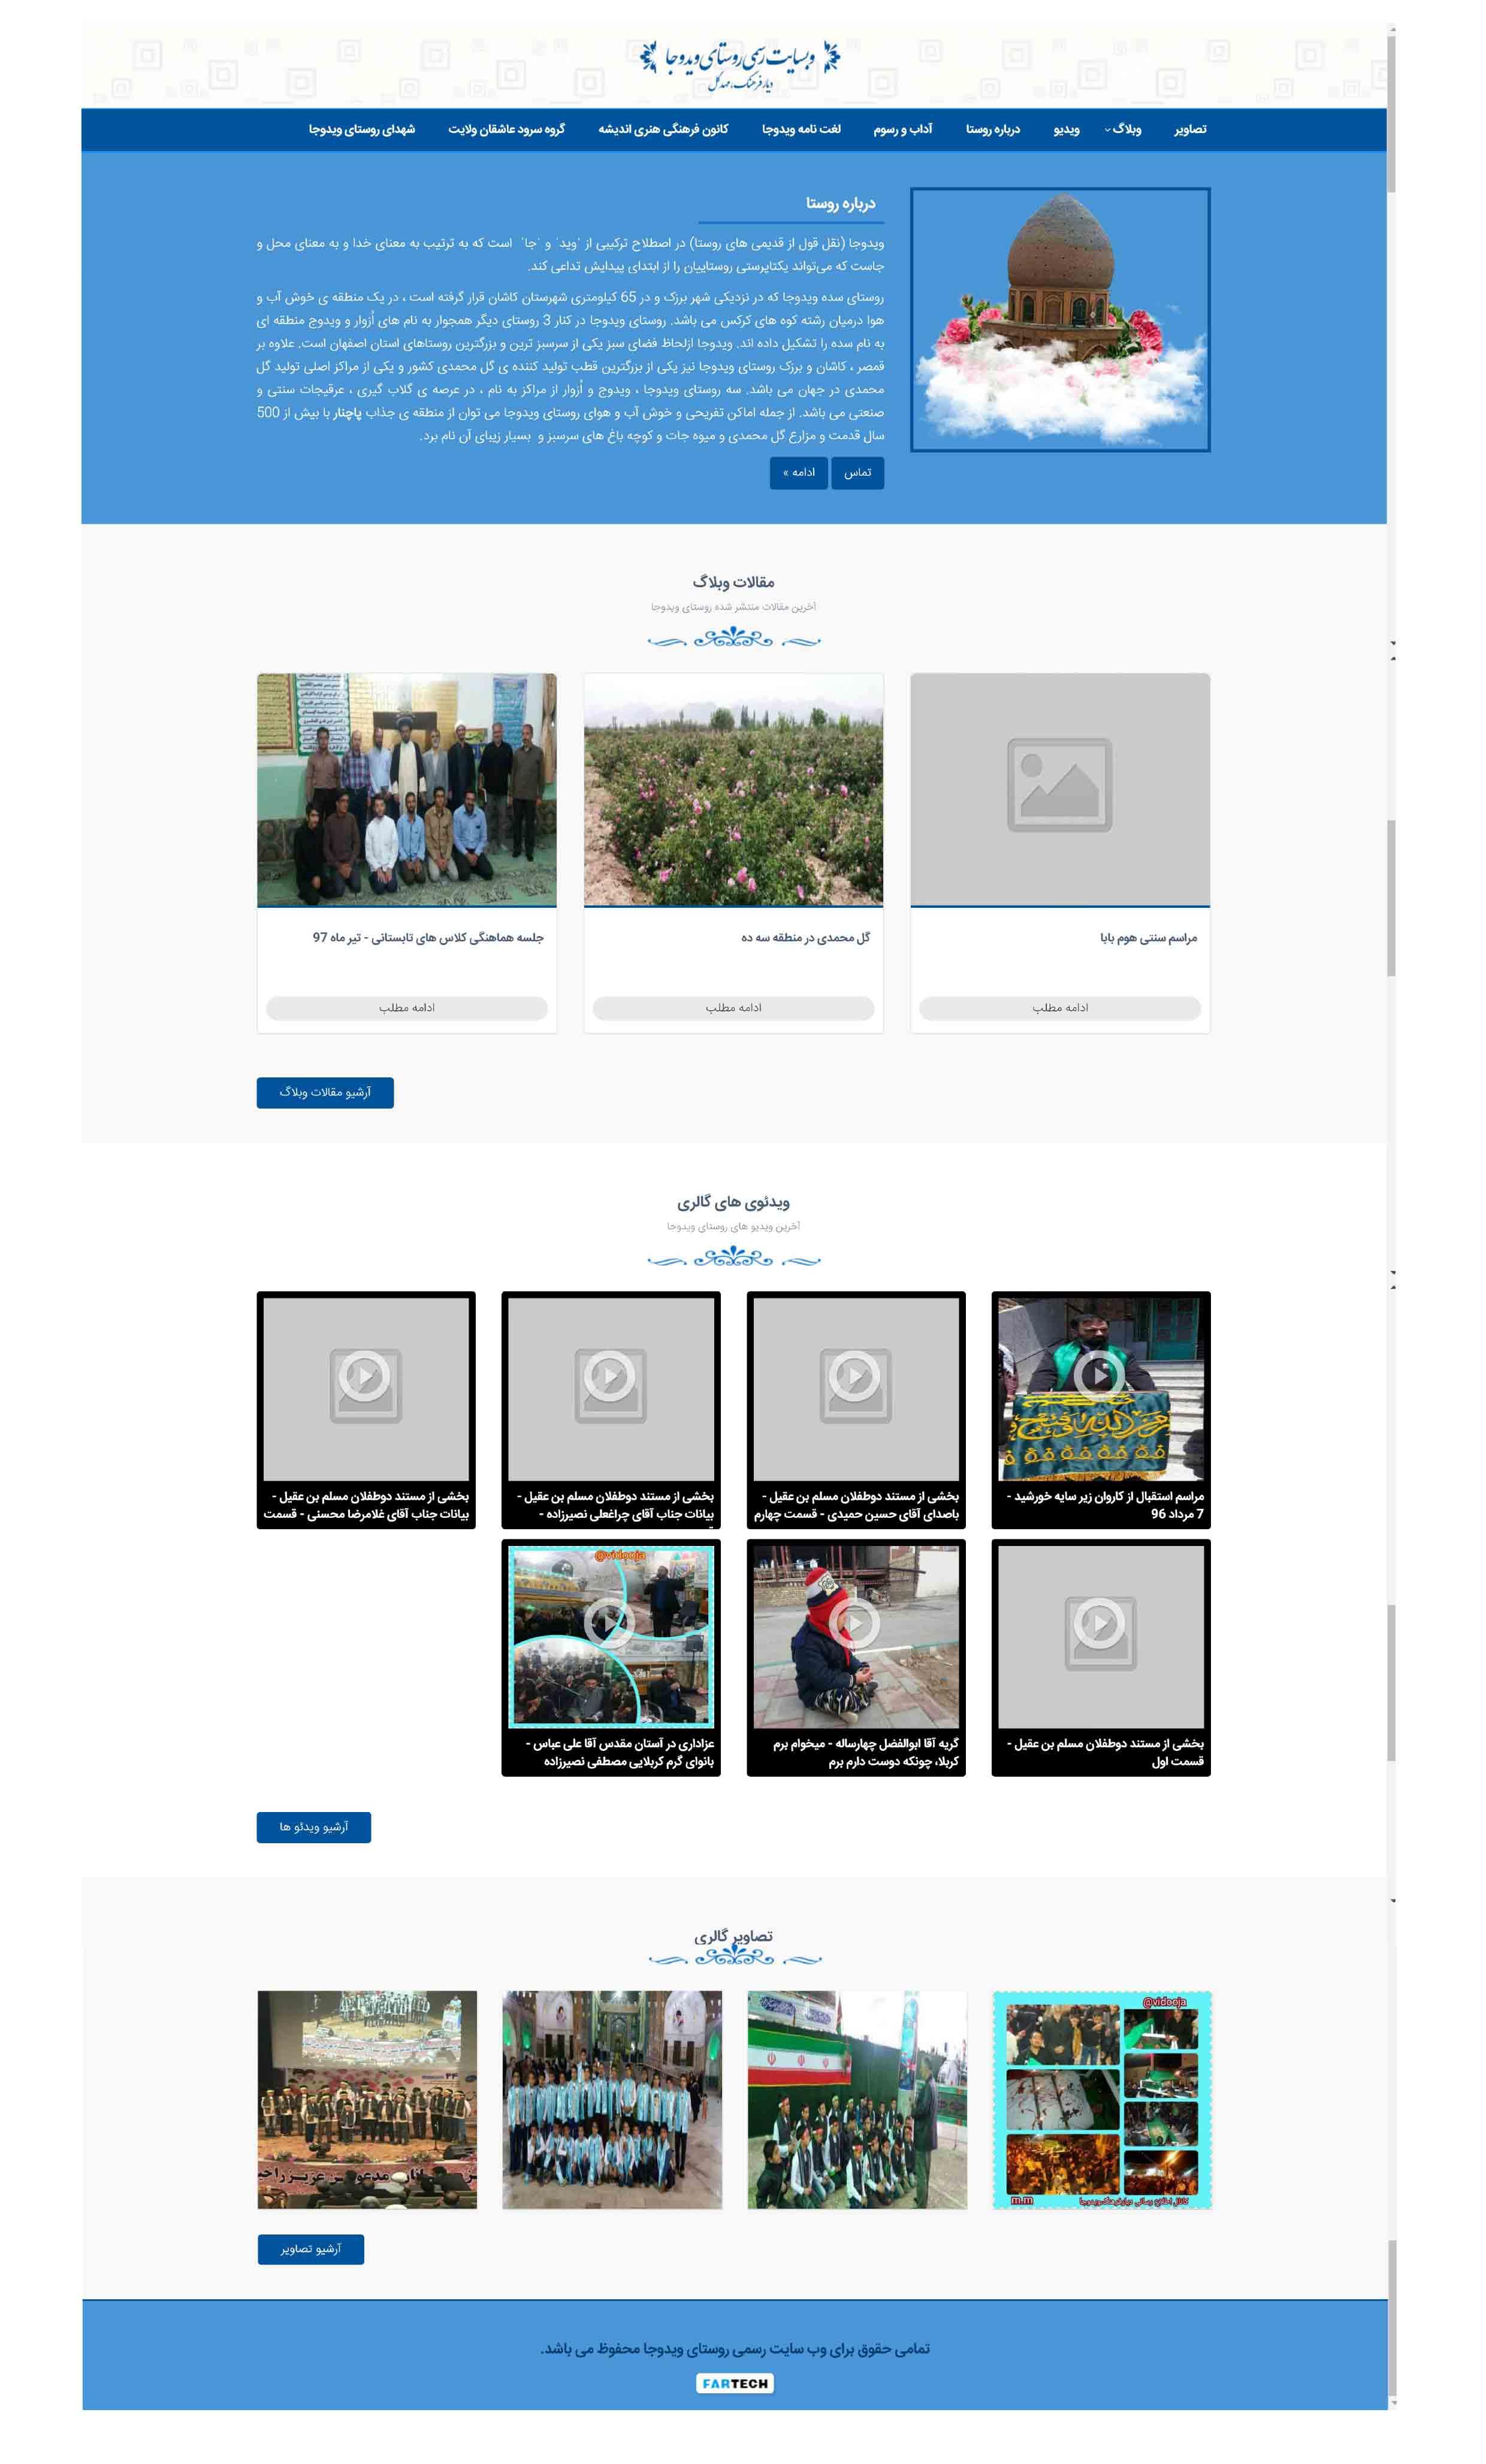 طراحی سایت روستای ویدوجا